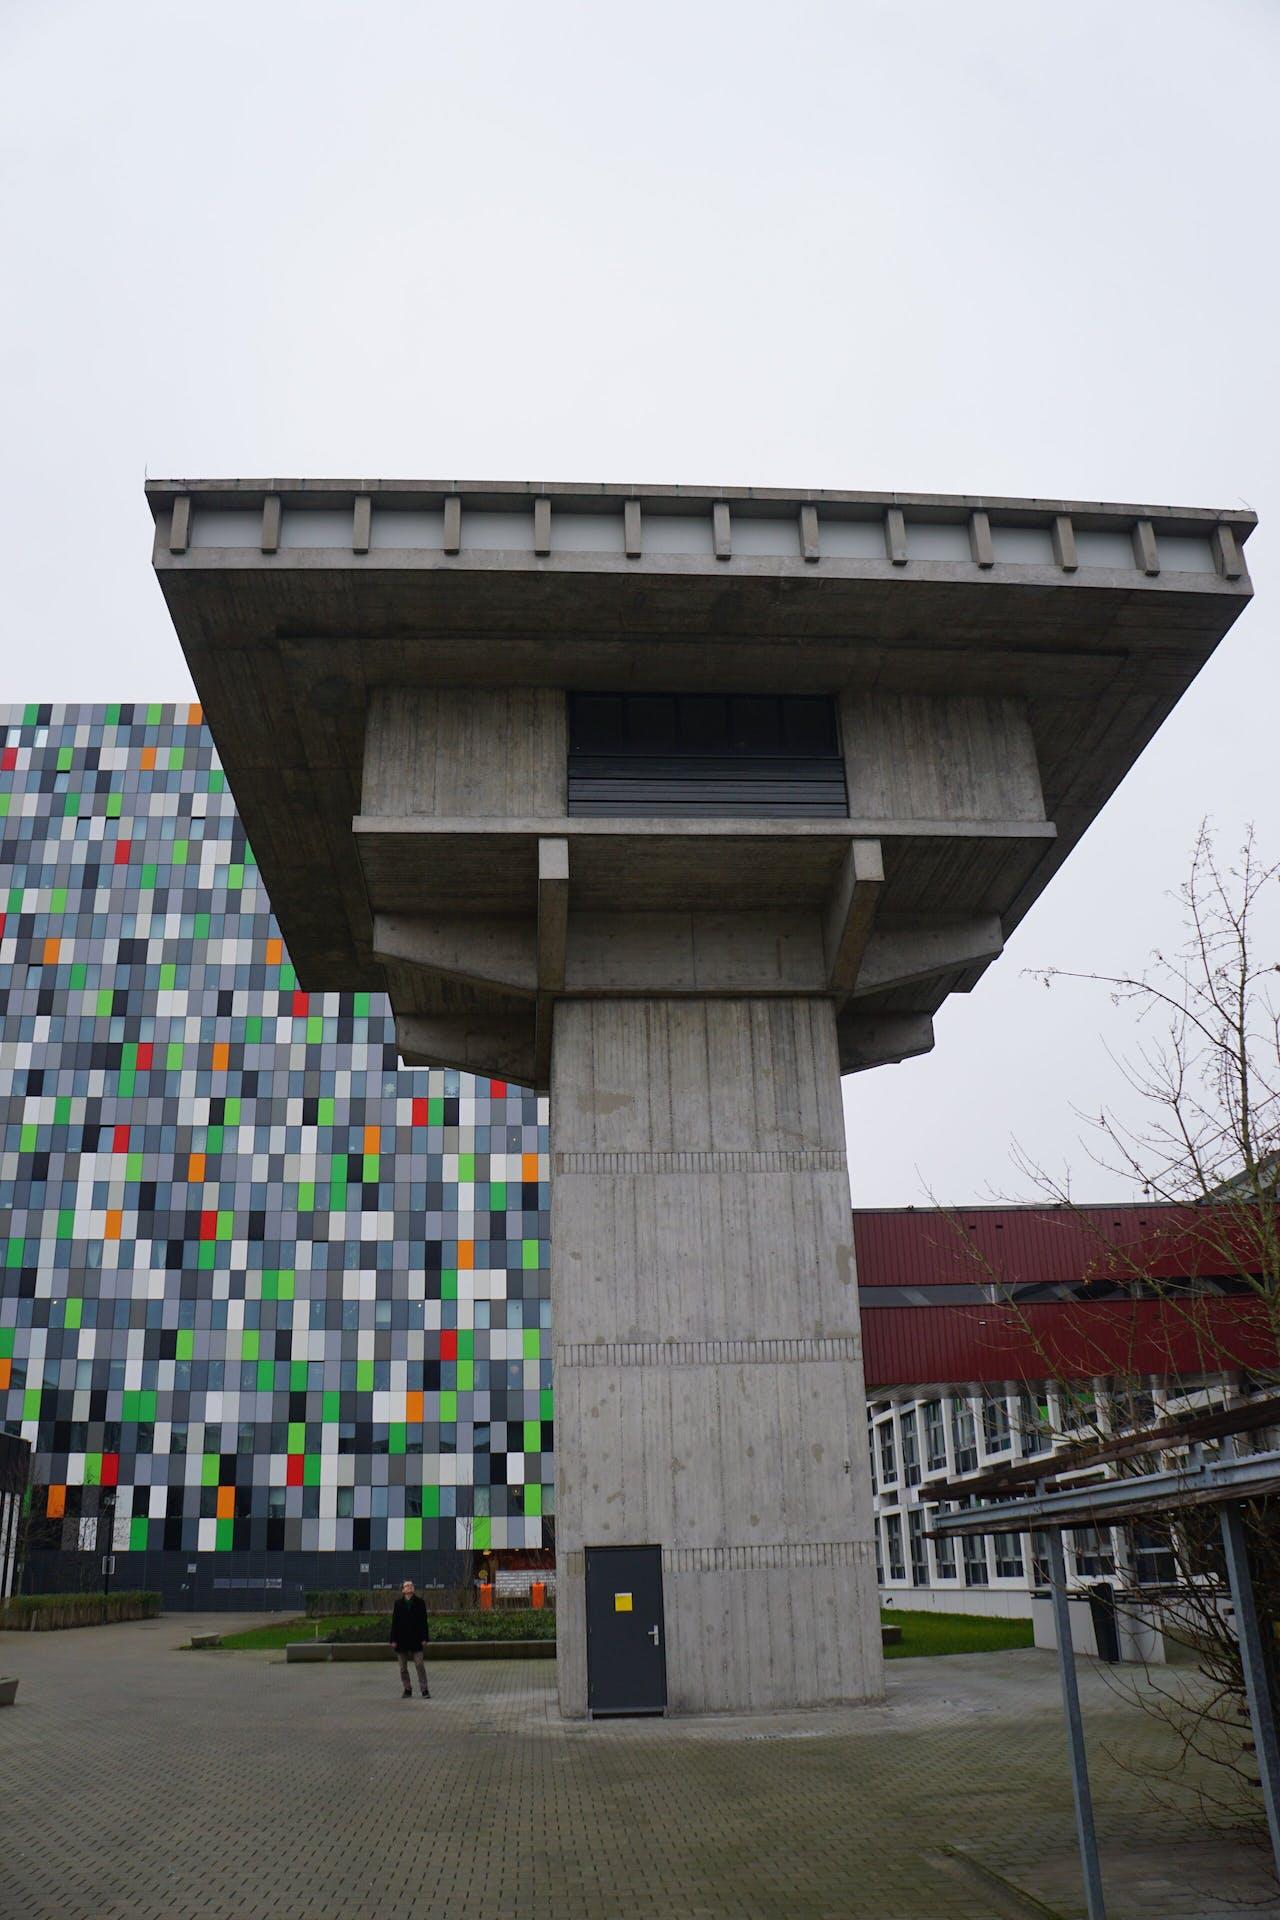 Nogmaals het observatorium, met daarachter het kleurrijke studentenappartementencomplex Casa Confetti.